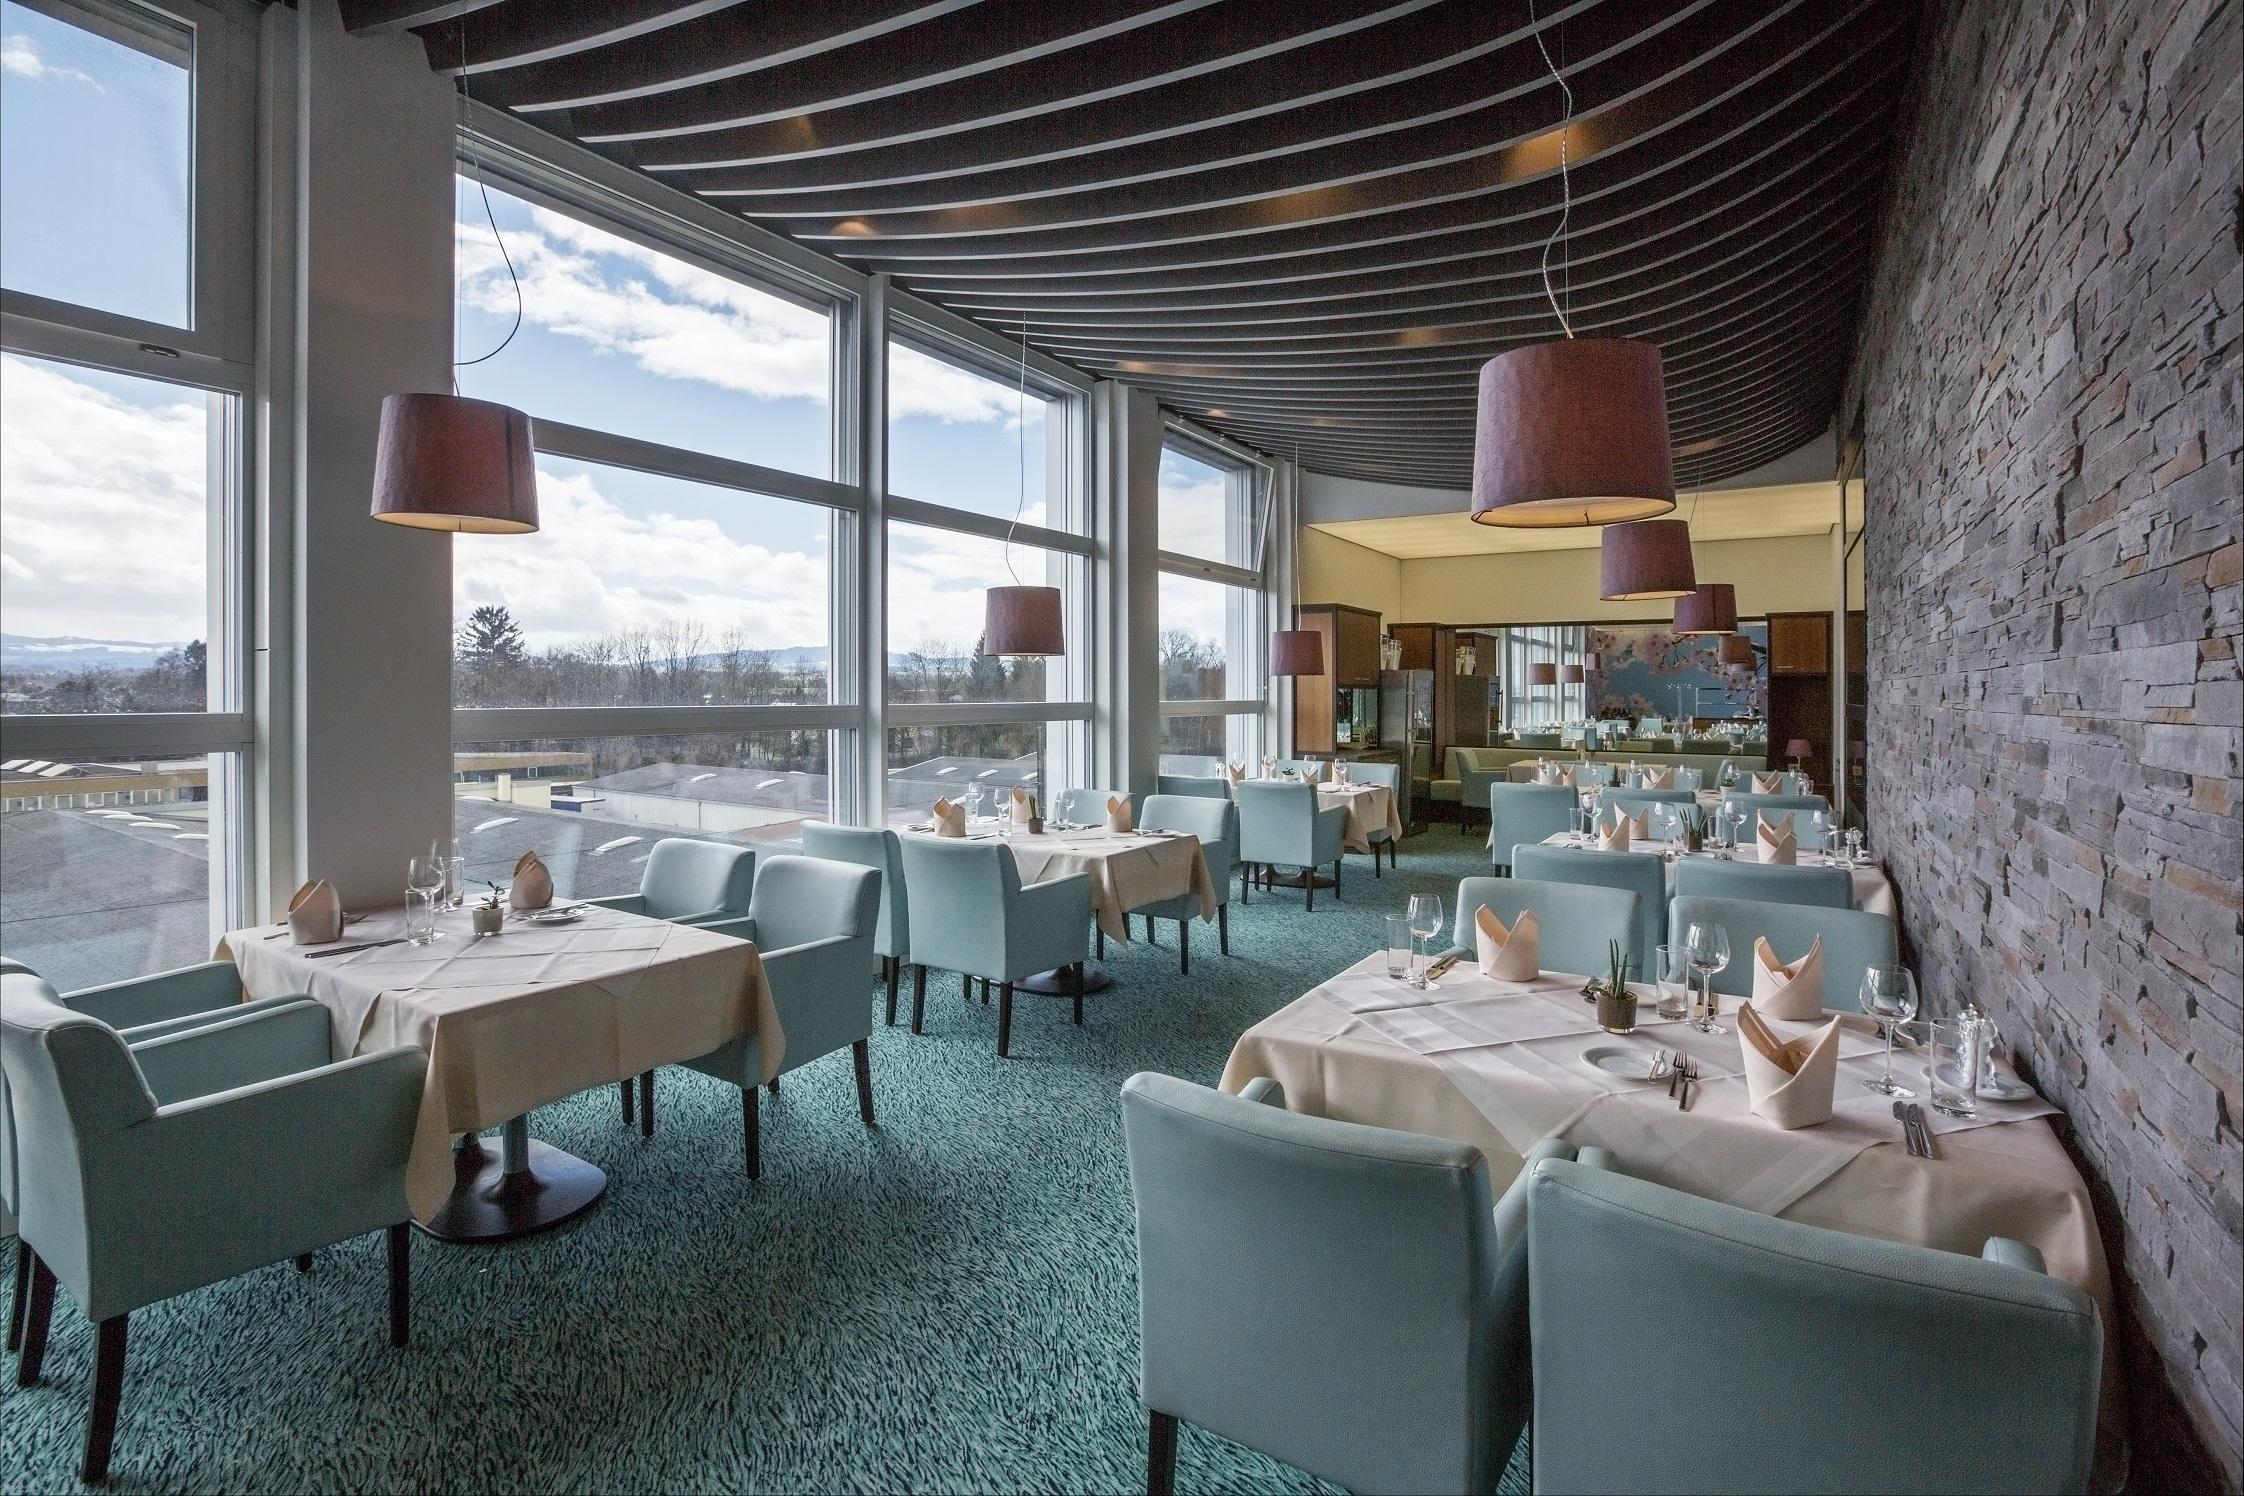 Restaurant säntisblick by brüggli gastronomie usblick in romanshorn